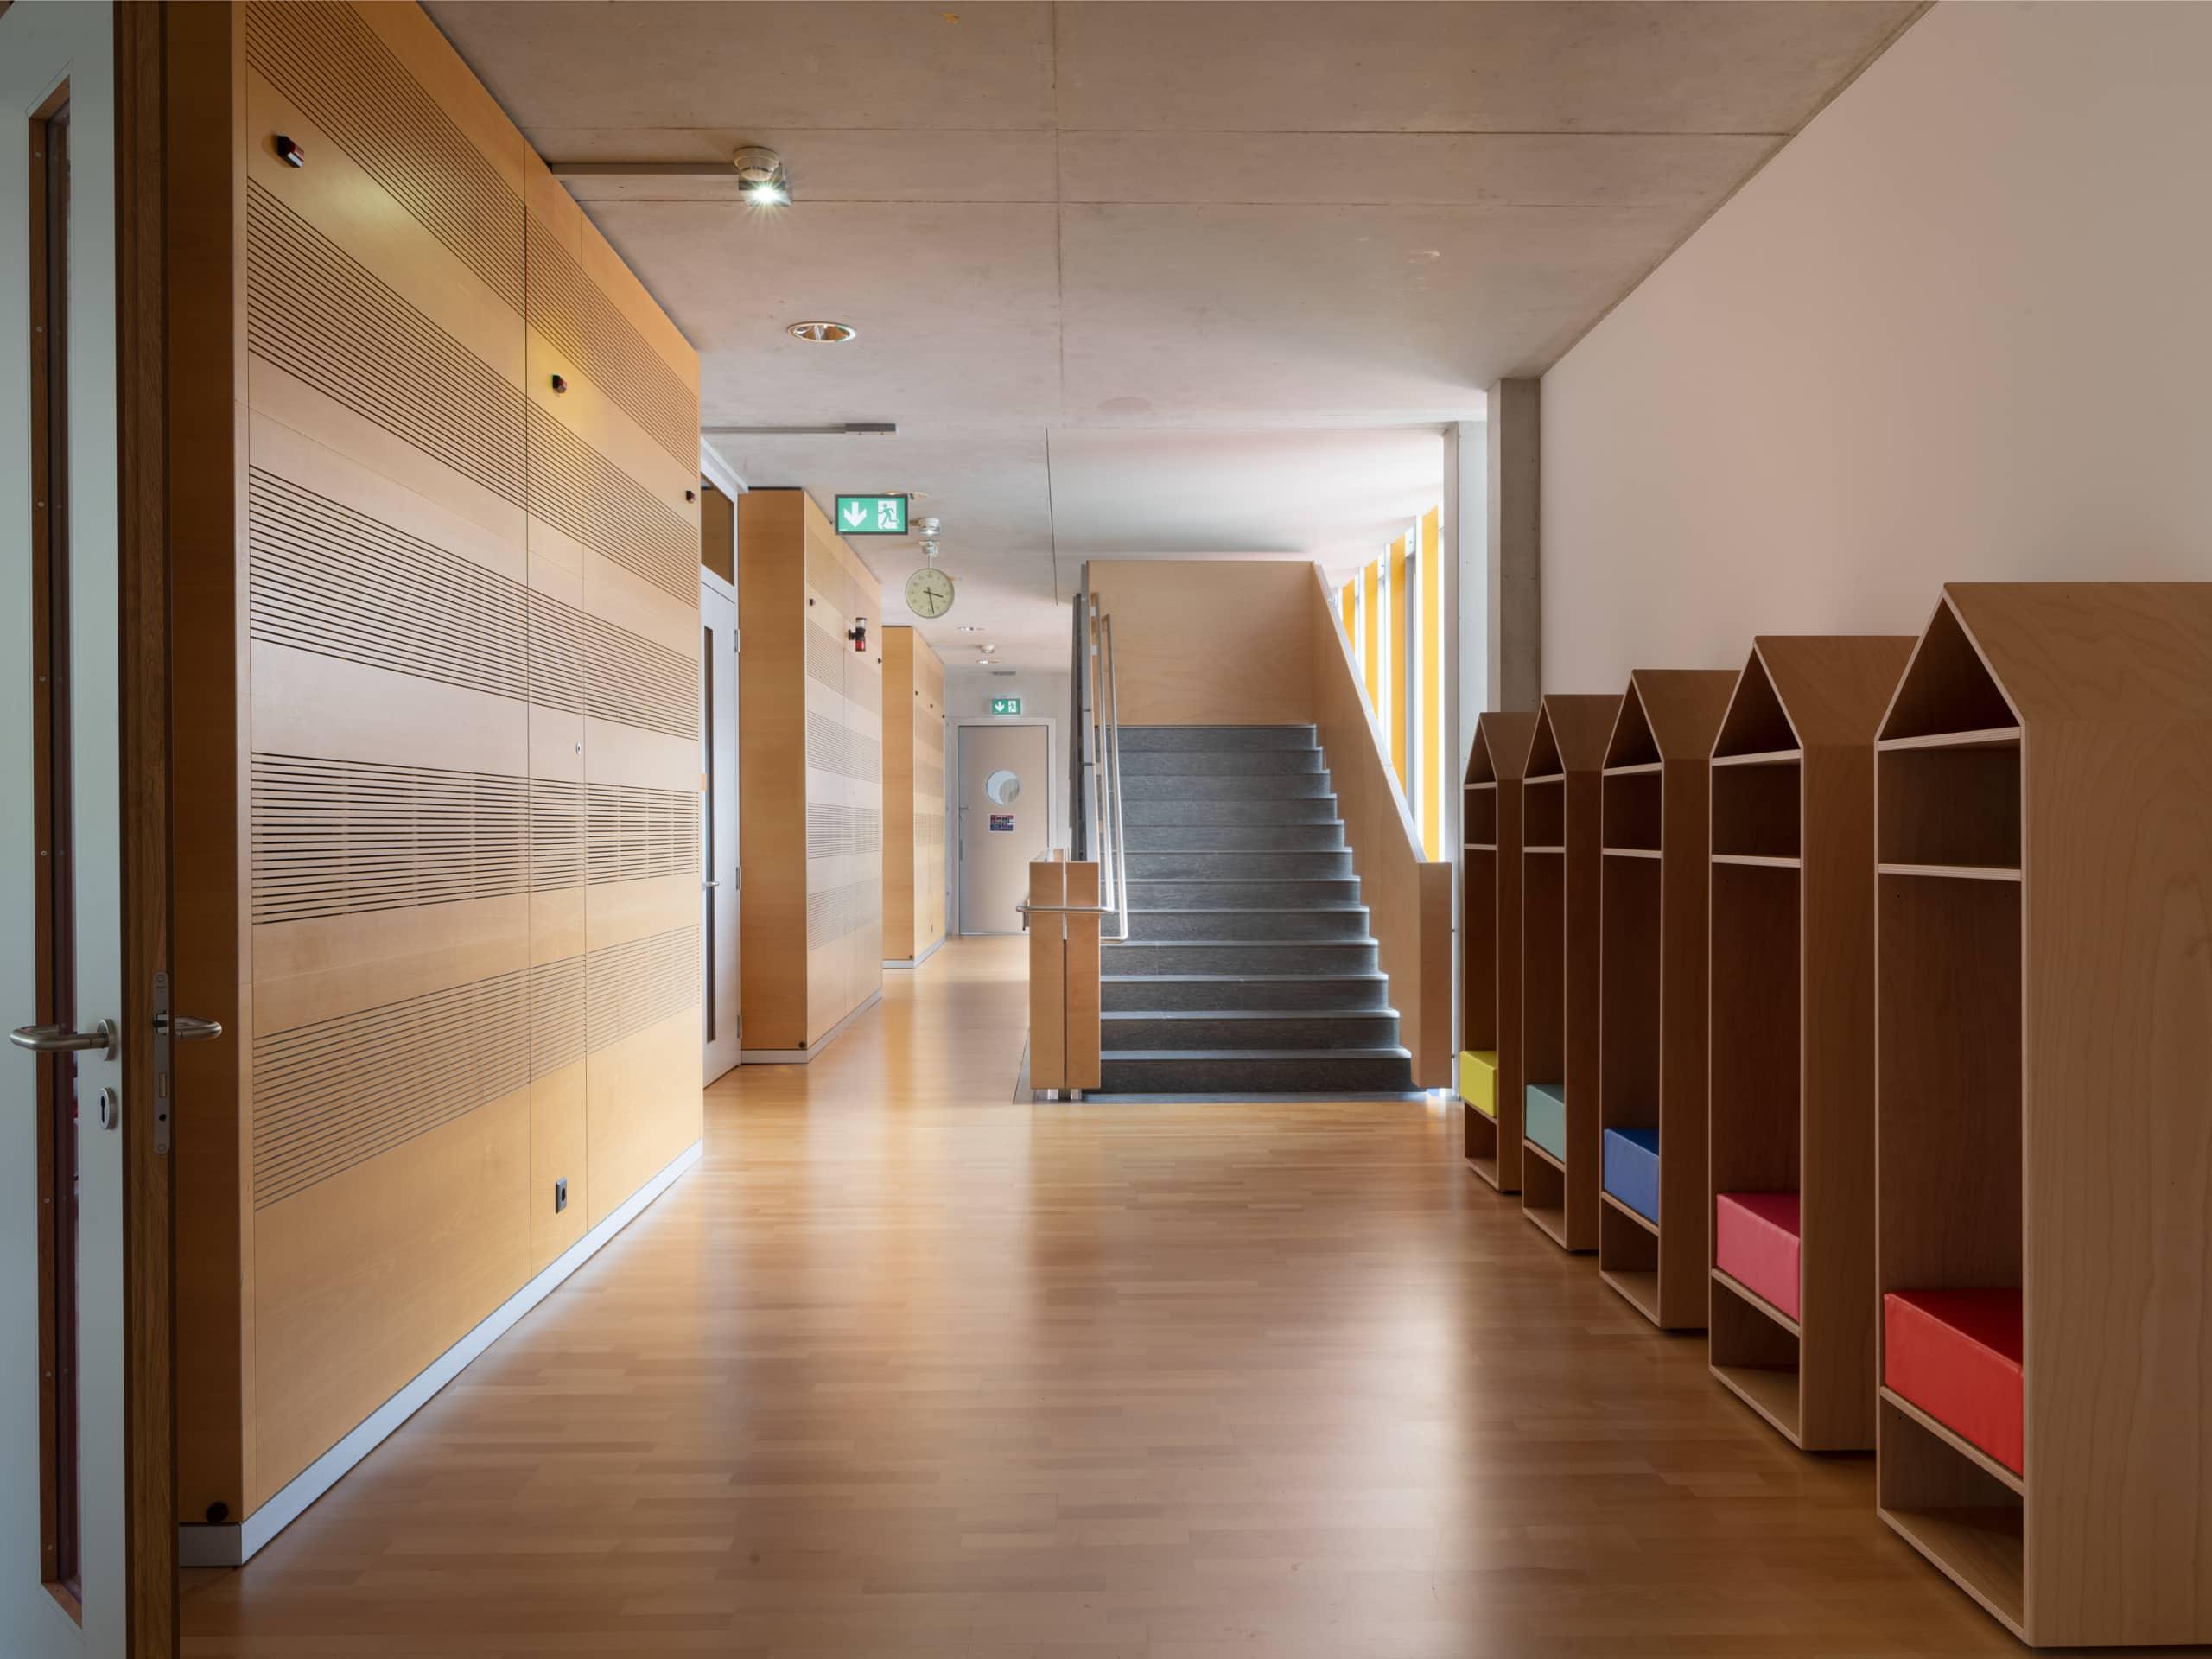 couloir dans un établissement scolaire